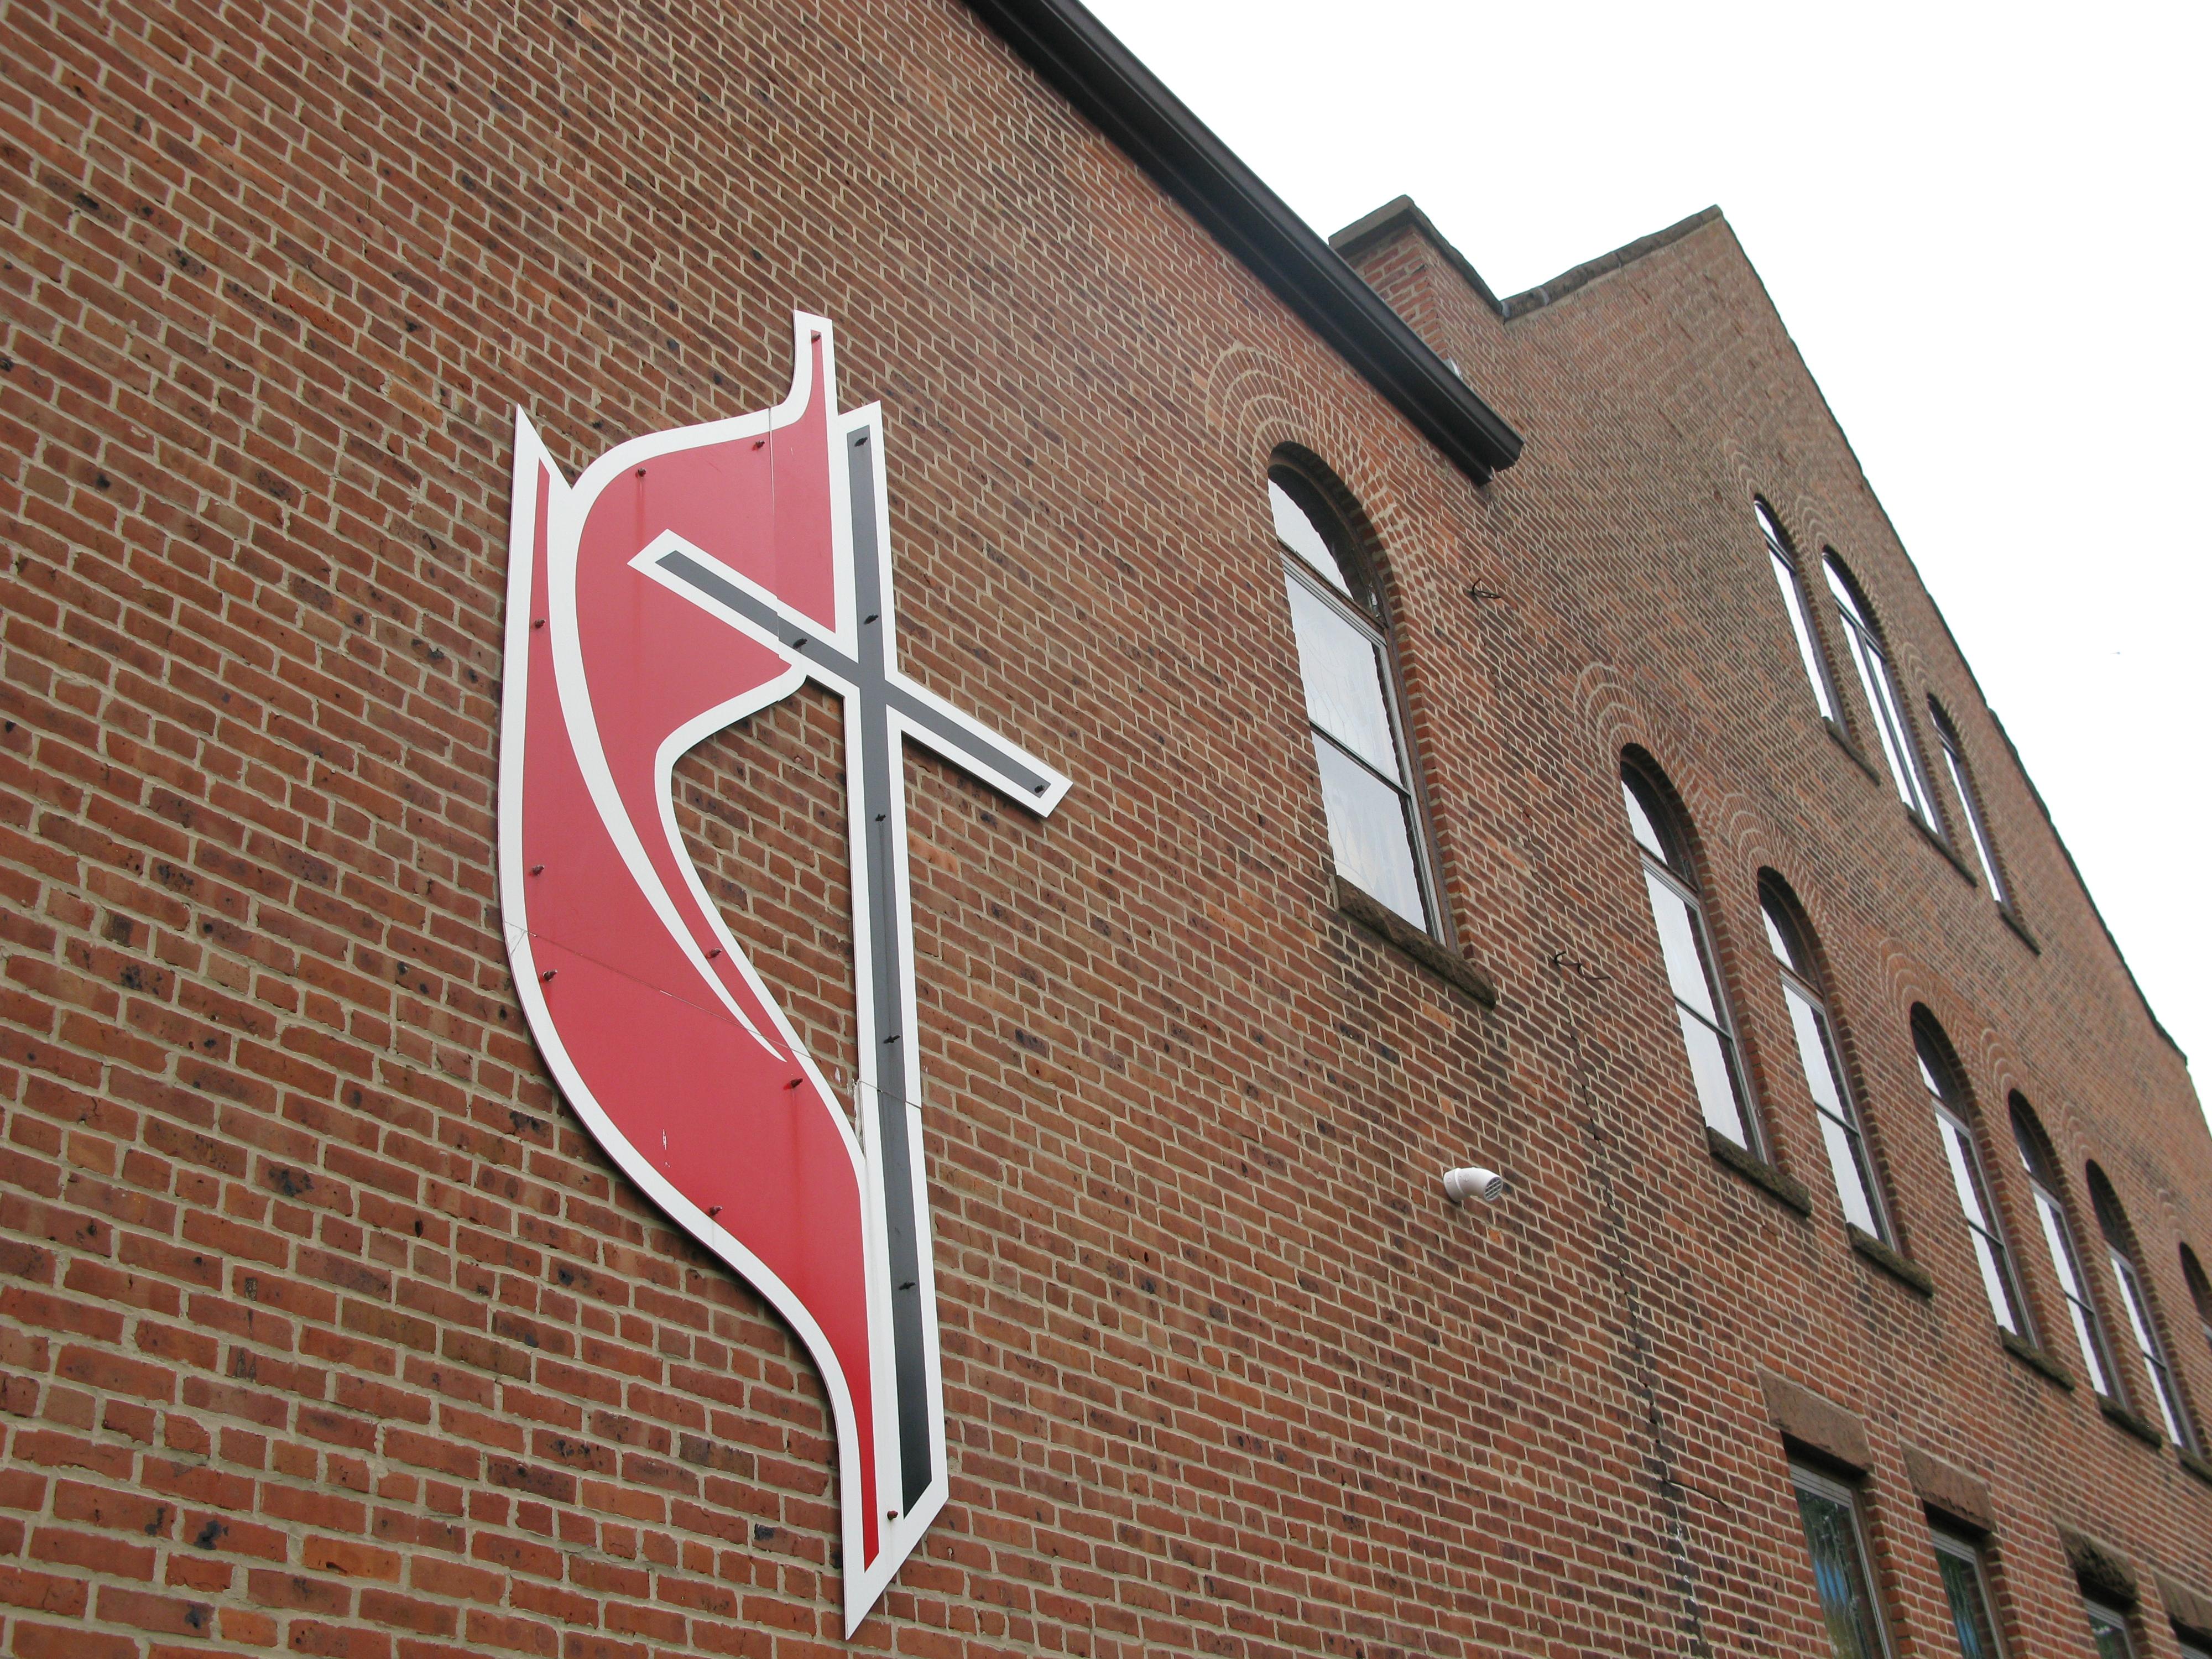 Foto de Jan Snider, Comunicações Metodistas Unidas.